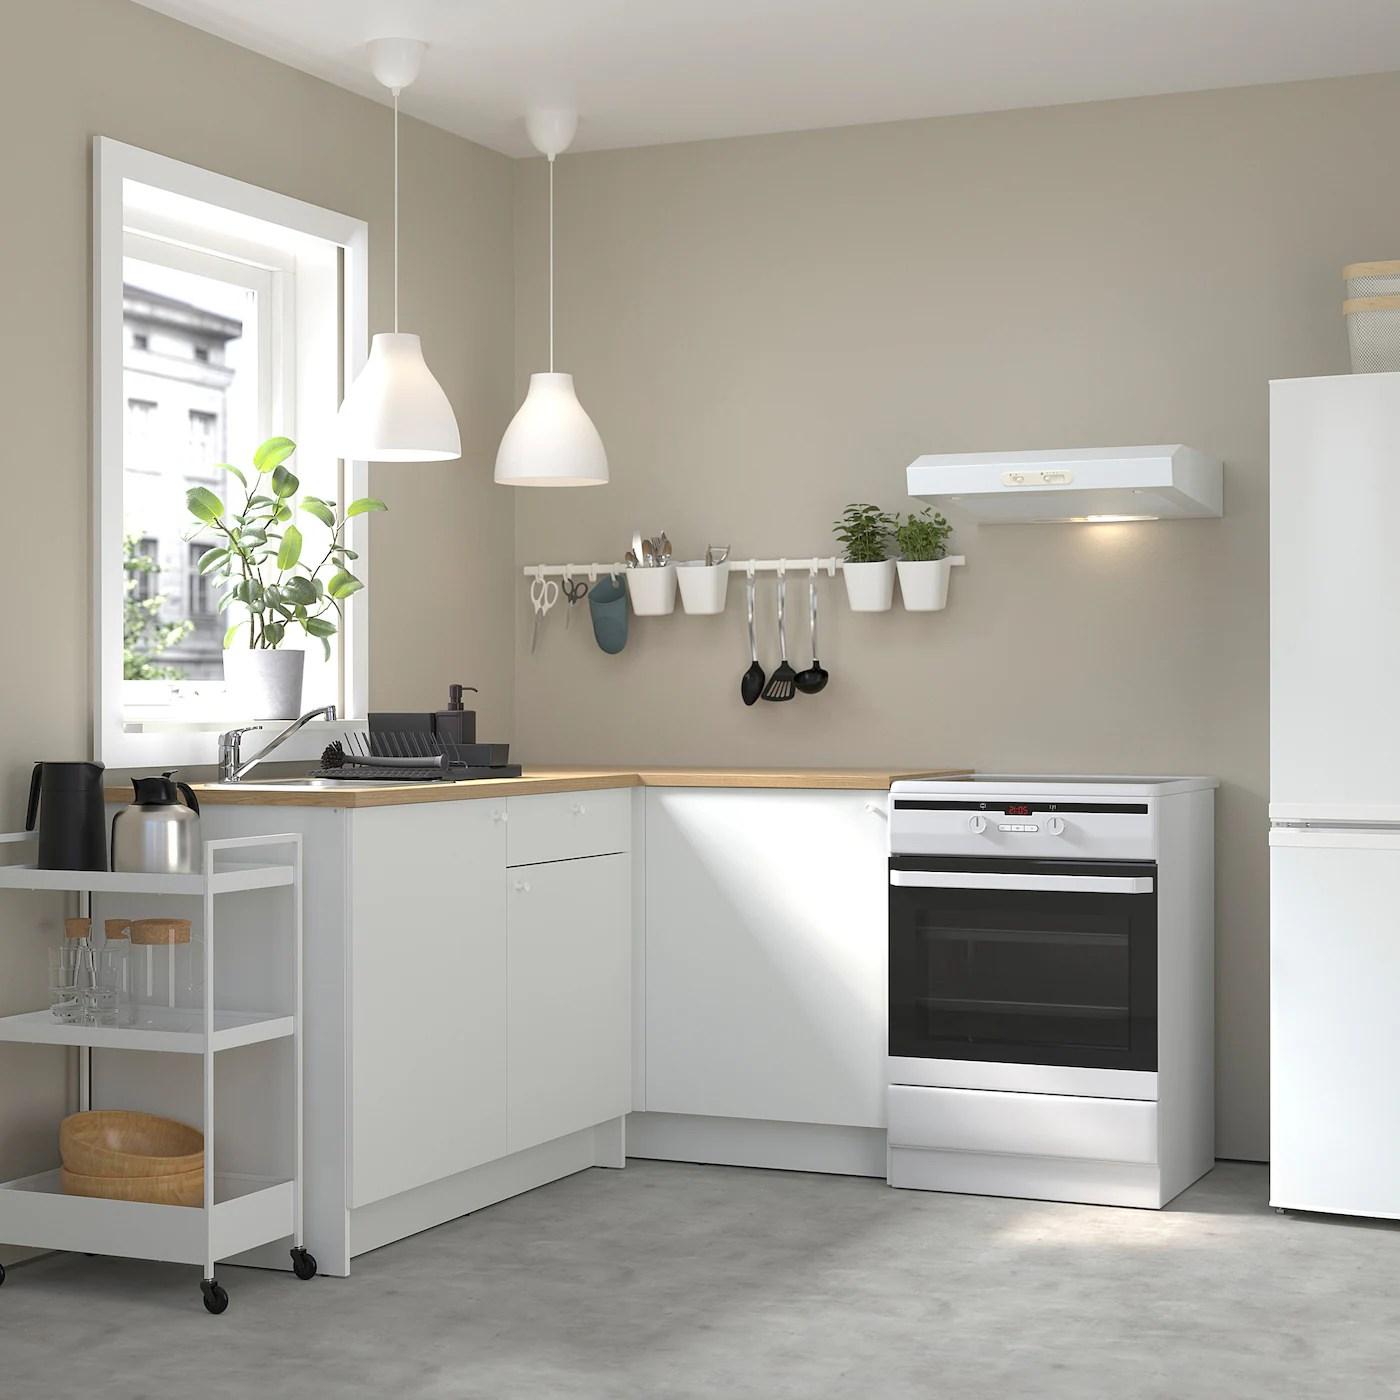 KNOXHULT Corner kitchen   white   IKEA